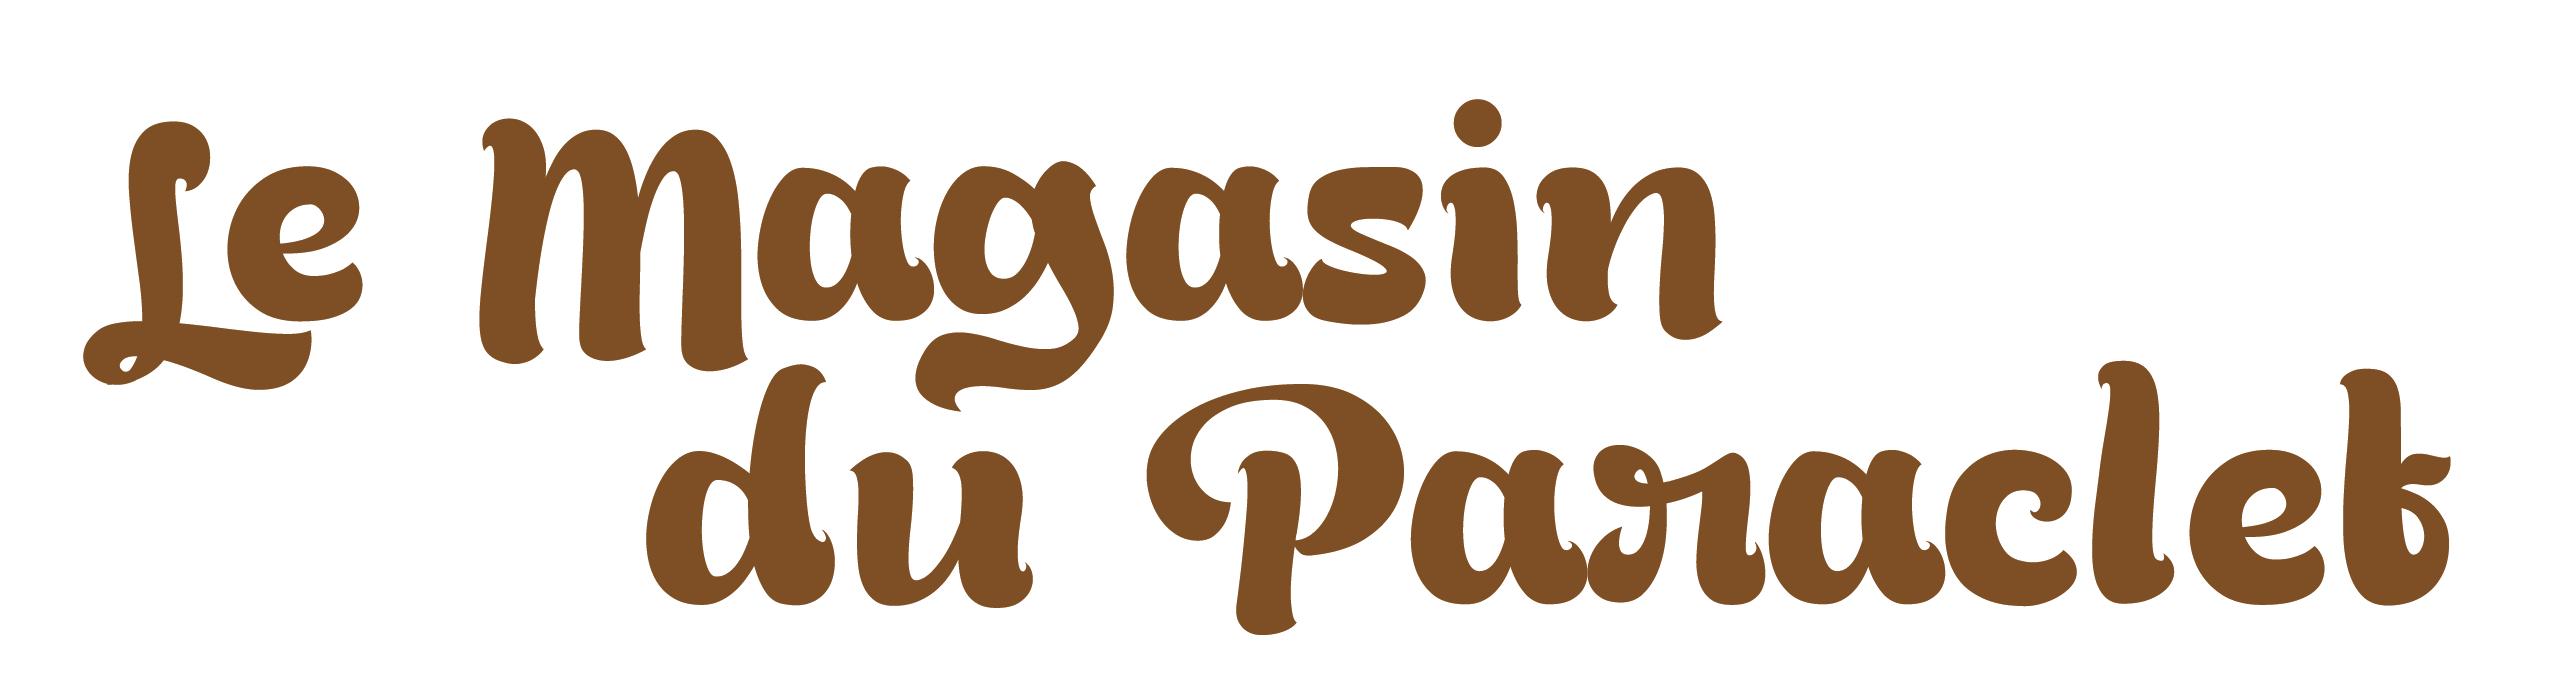 Le magasin fermier du Paraclet